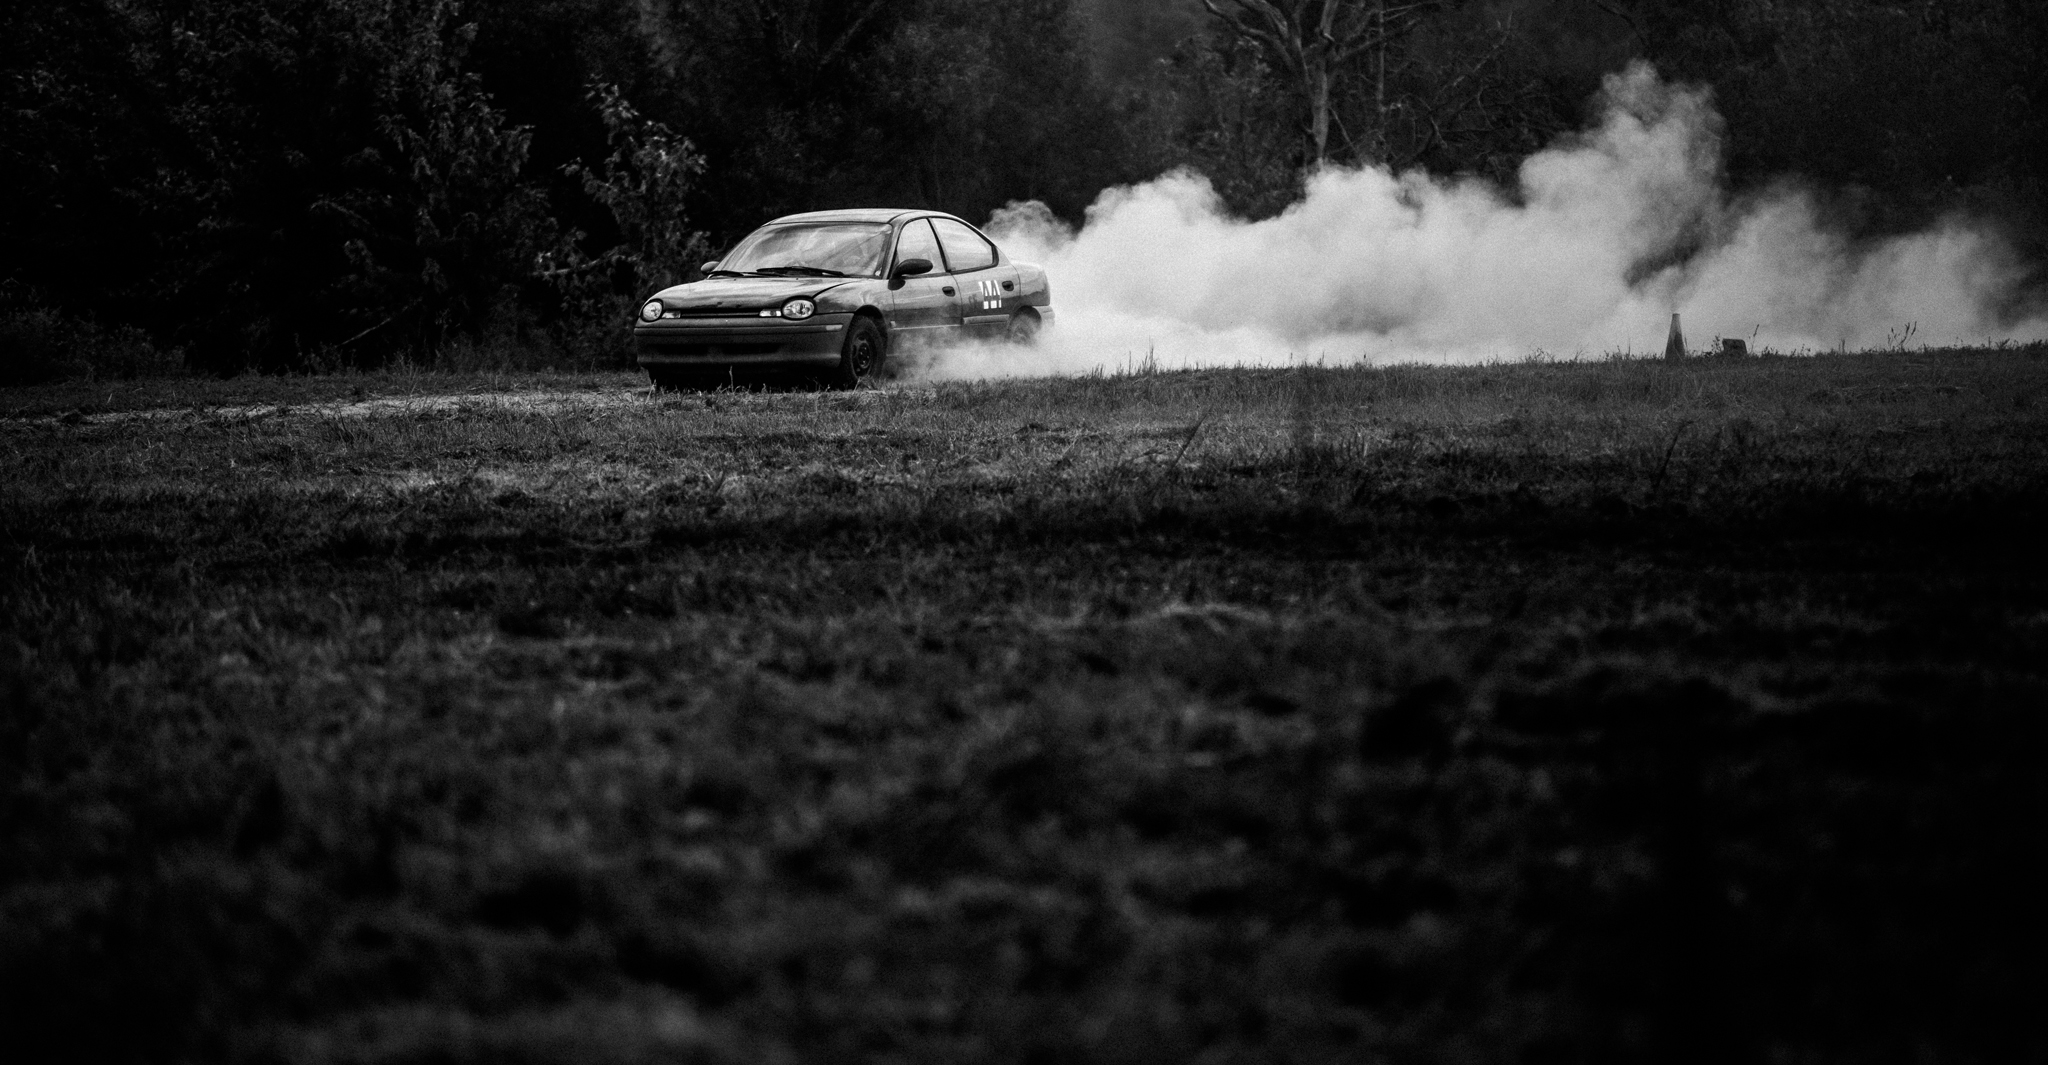 rallycrosssept_018.jpg